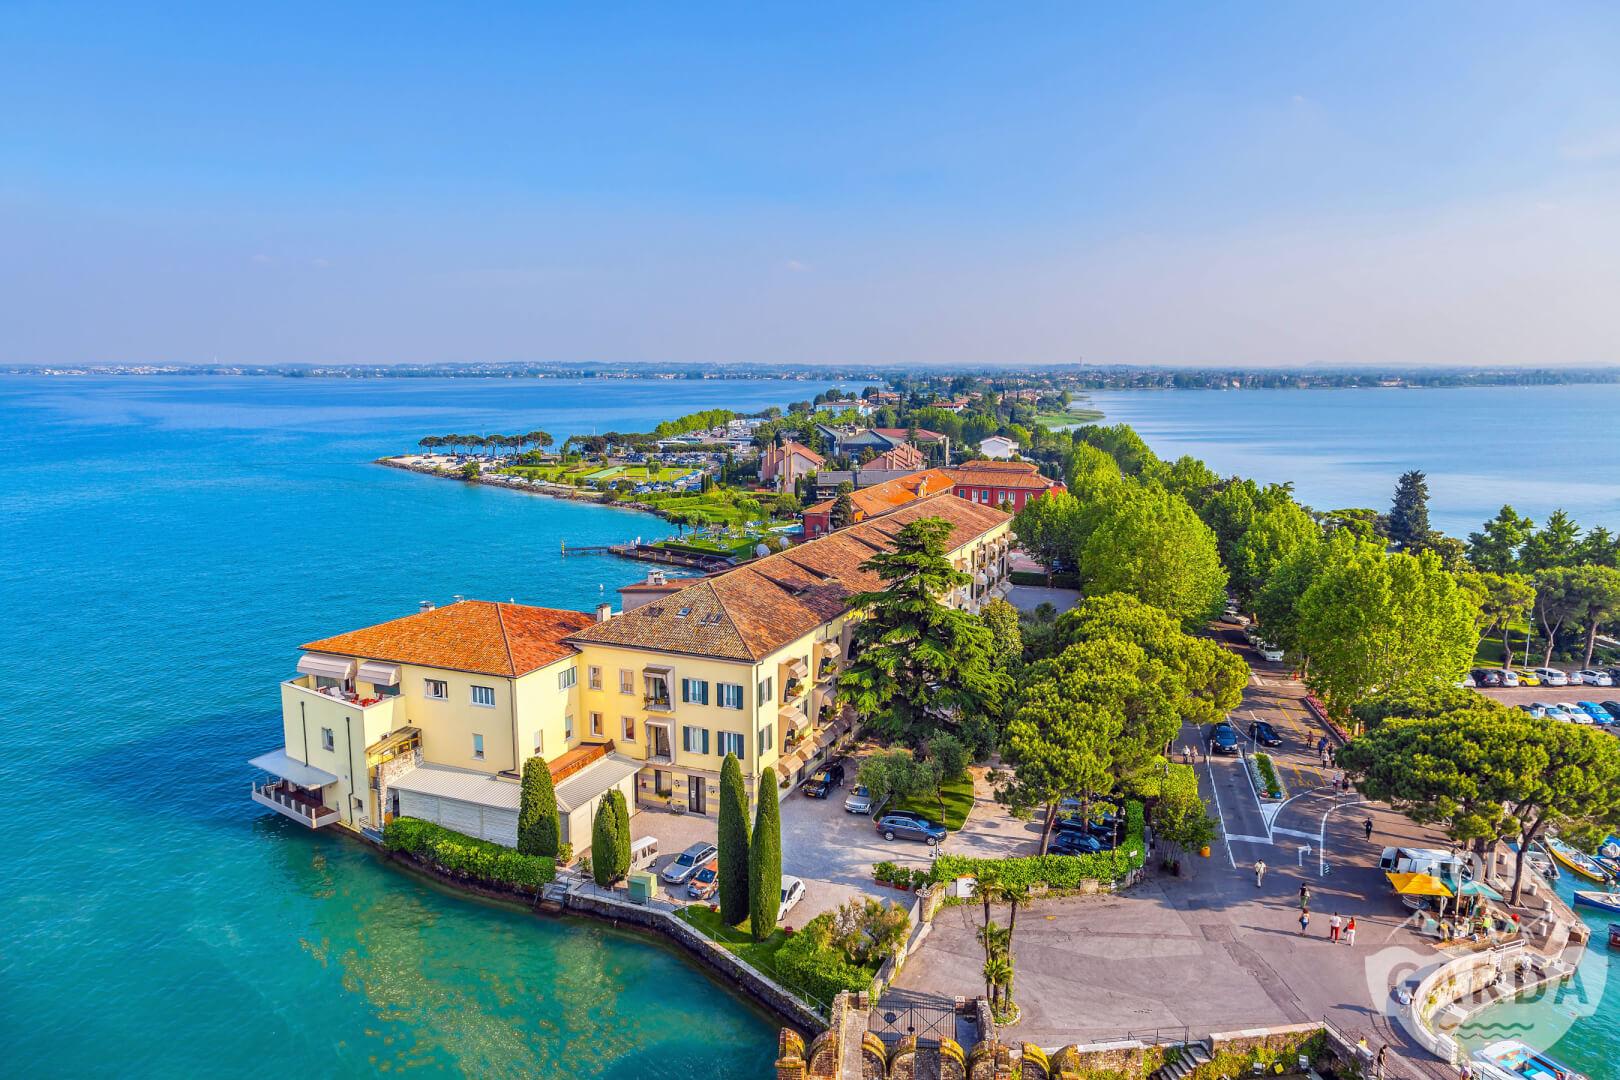 недвижимость на озере Гарда